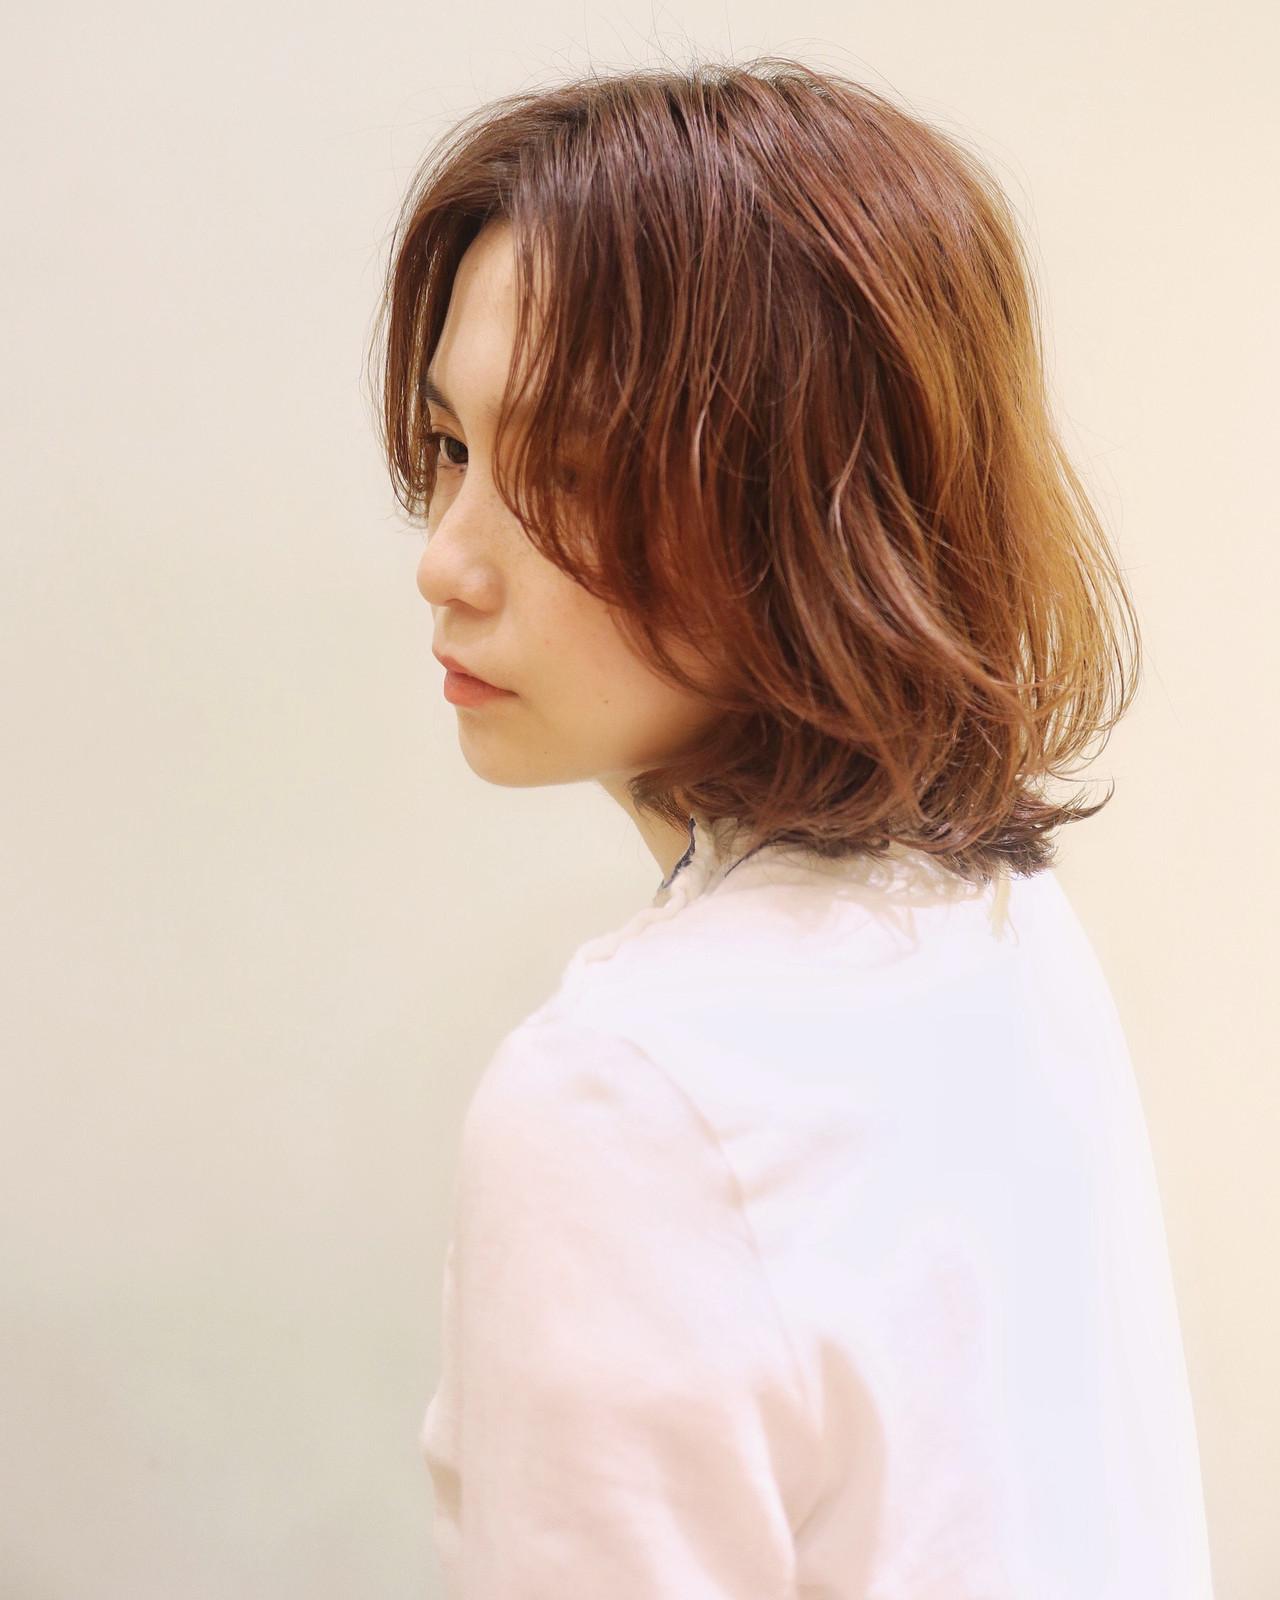 ゆるふわパーマ フェミニン センターパート くせ毛風 ヘアスタイルや髪型の写真・画像